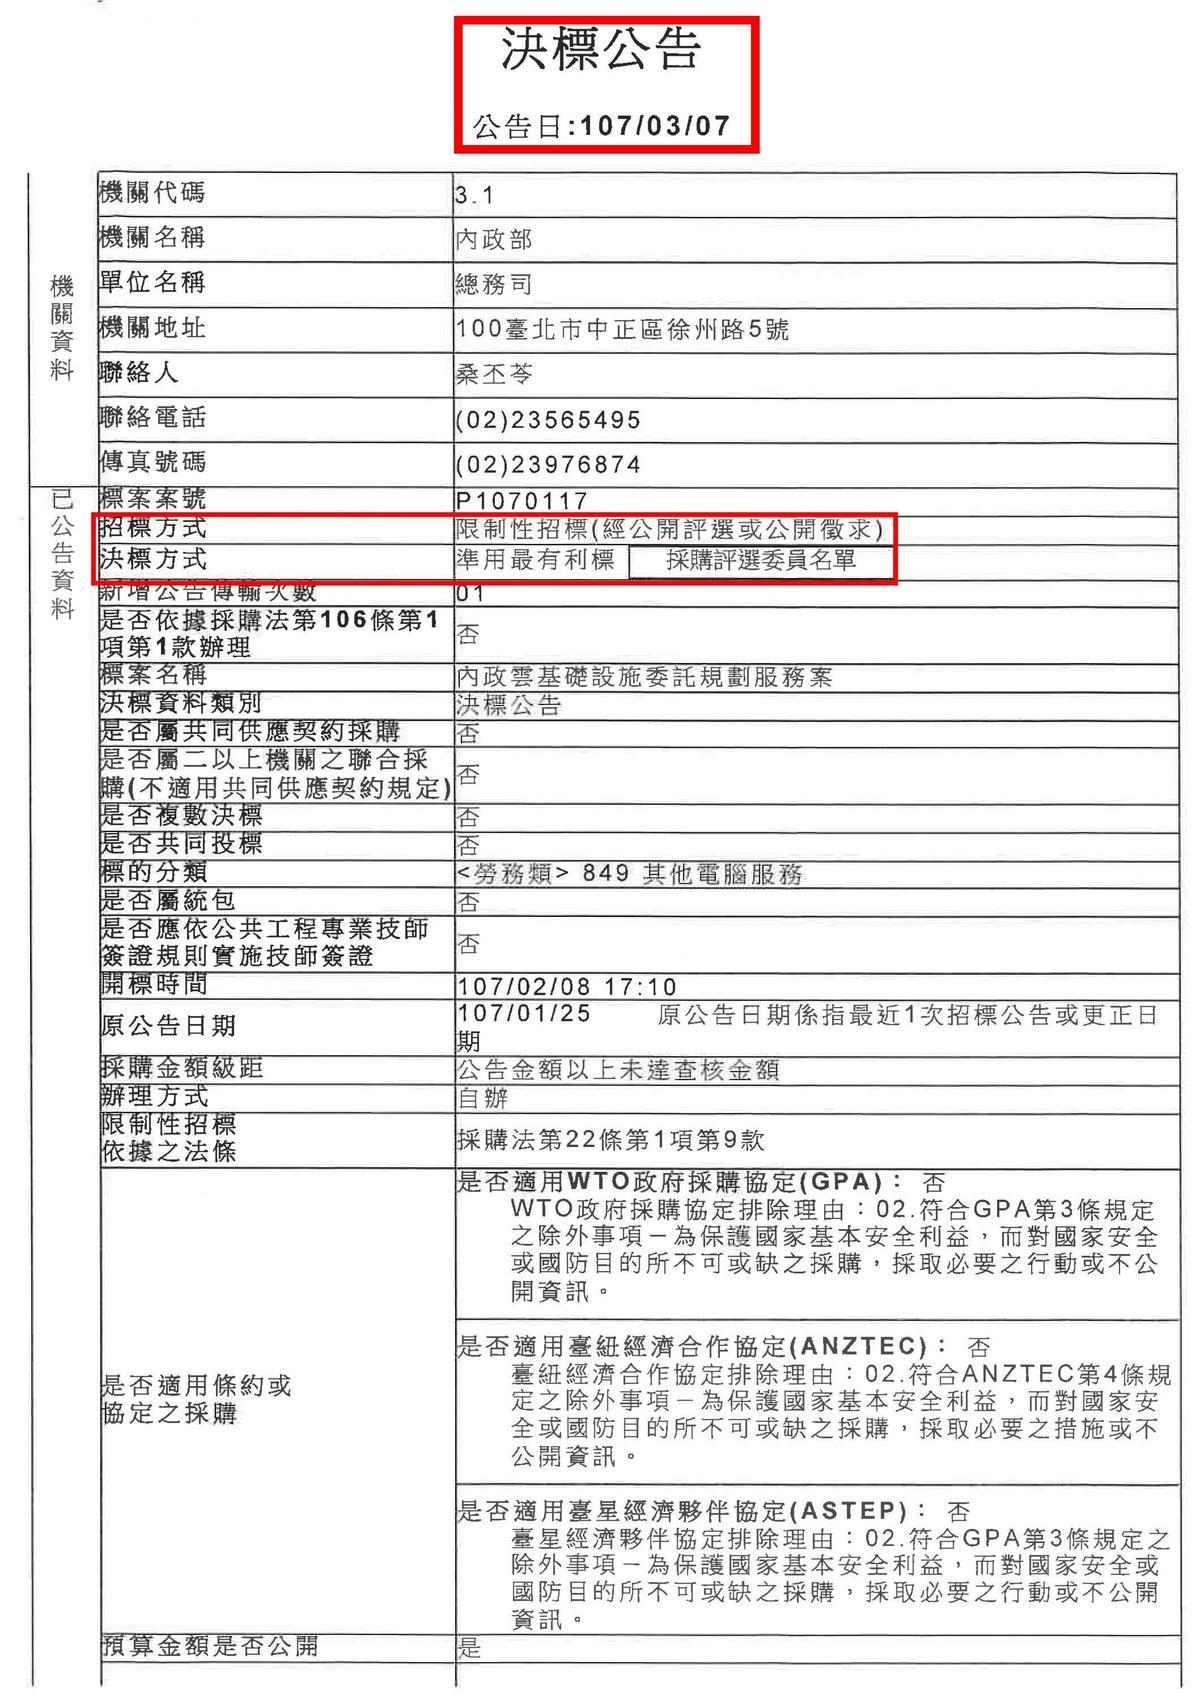 內政部資訊中心所公布的8億餘元雲端建置案,傳出由涉弊的廠商得標。